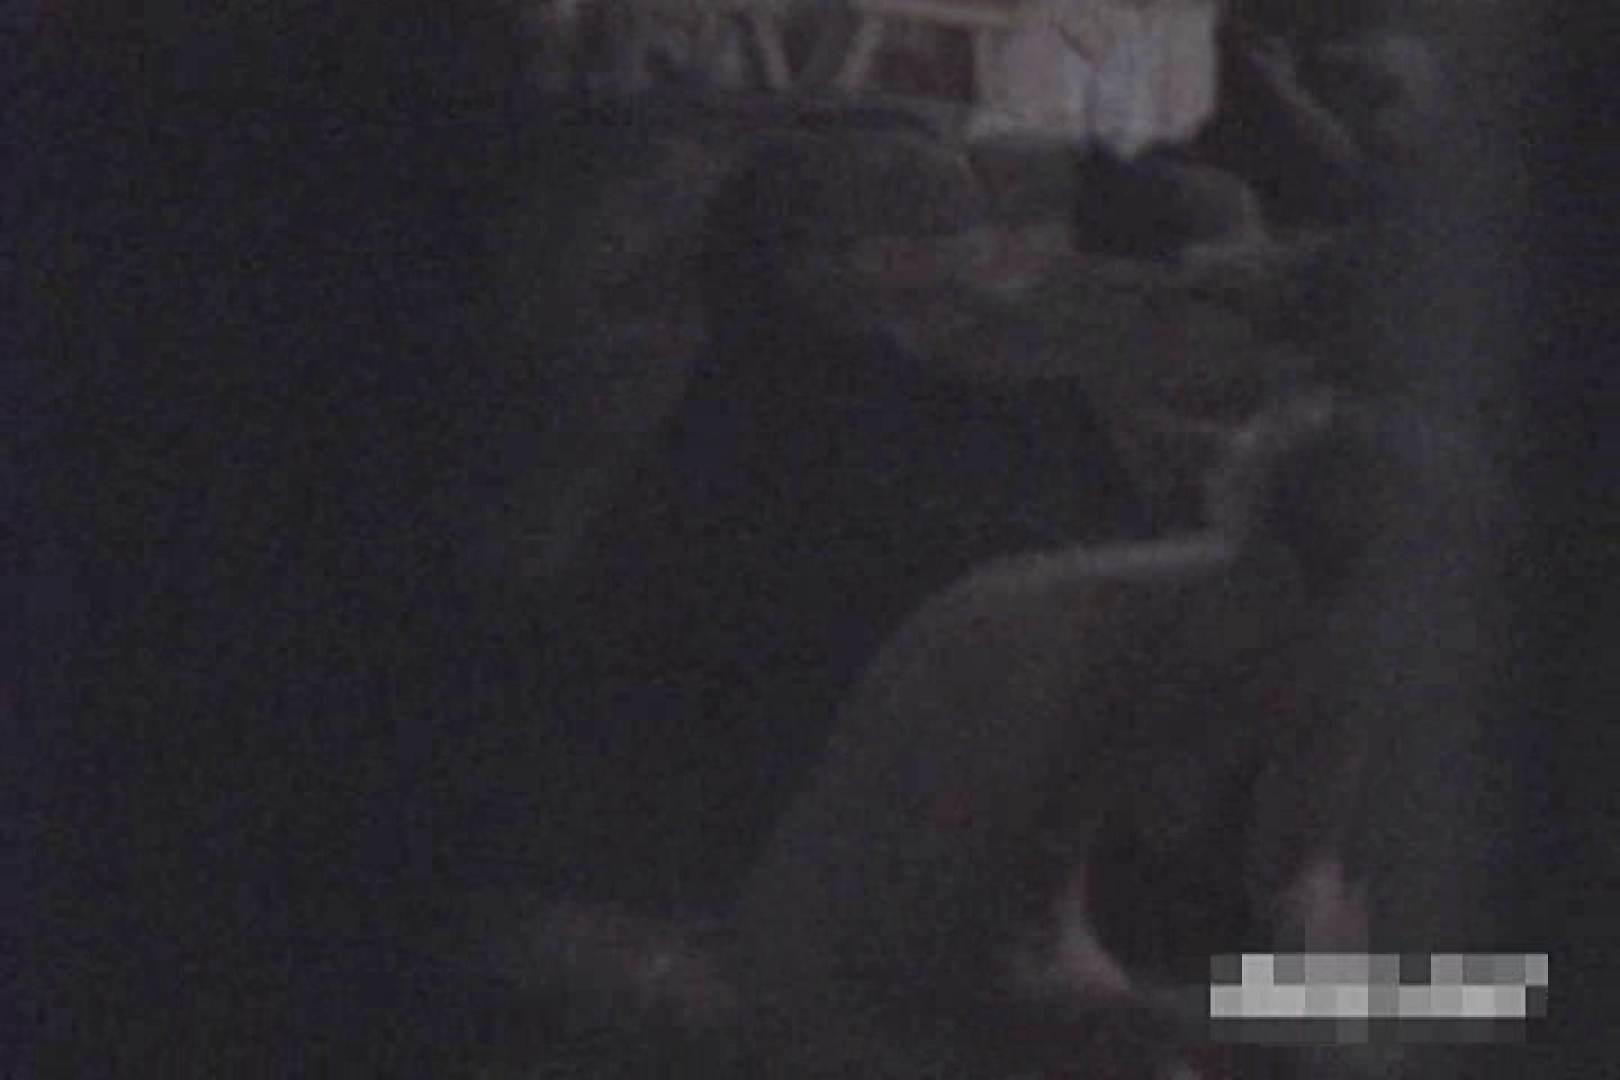 深夜の撮影会Vol.4 お姉さんヌード 盗撮ヌード画像 90画像 22